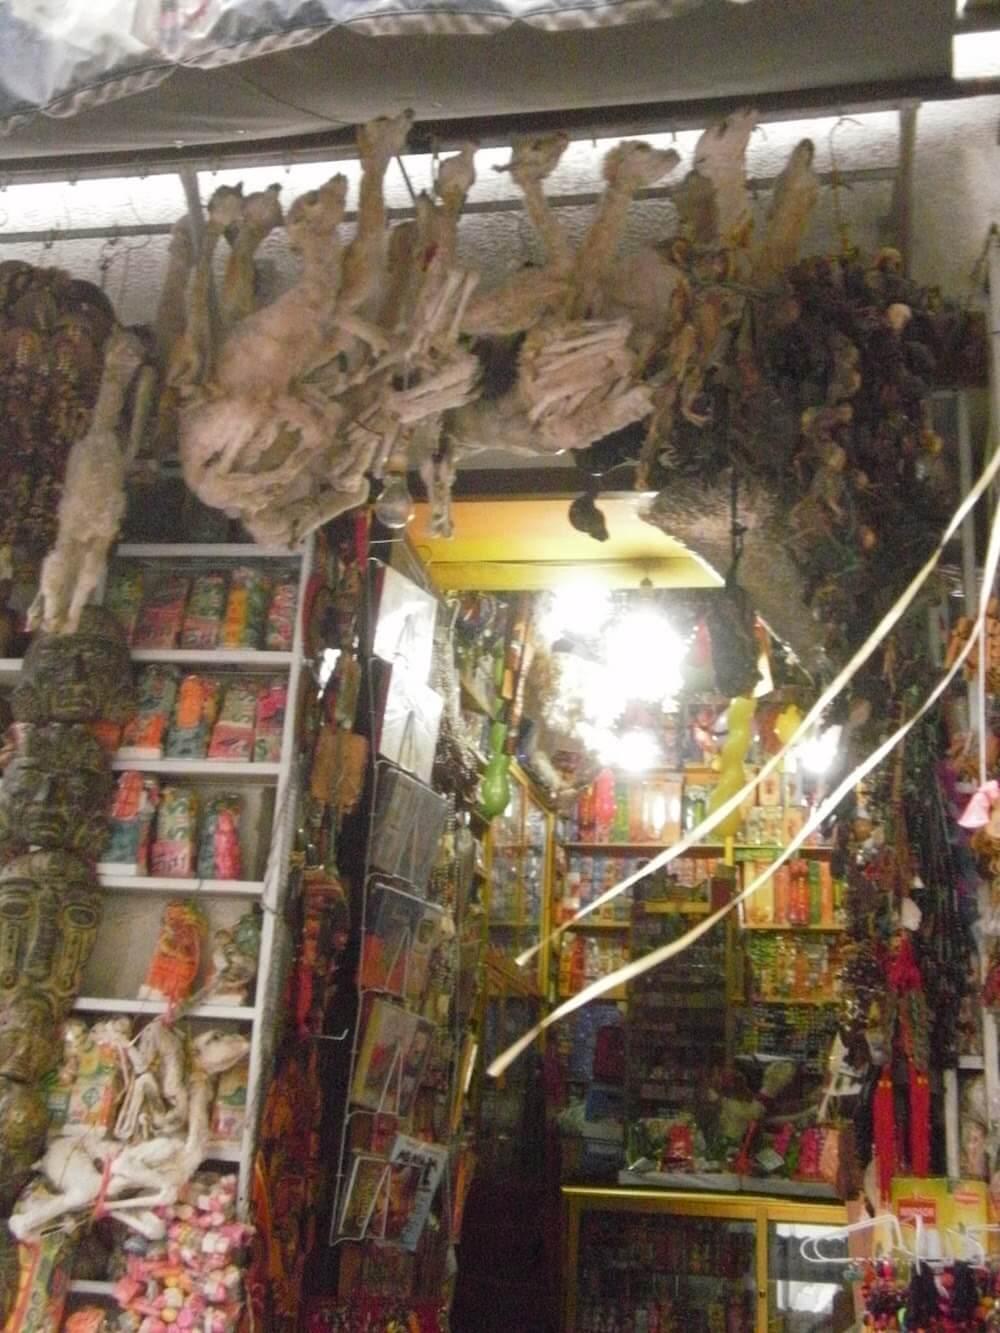 foetus de lama marché des sorcières la paz bolivie